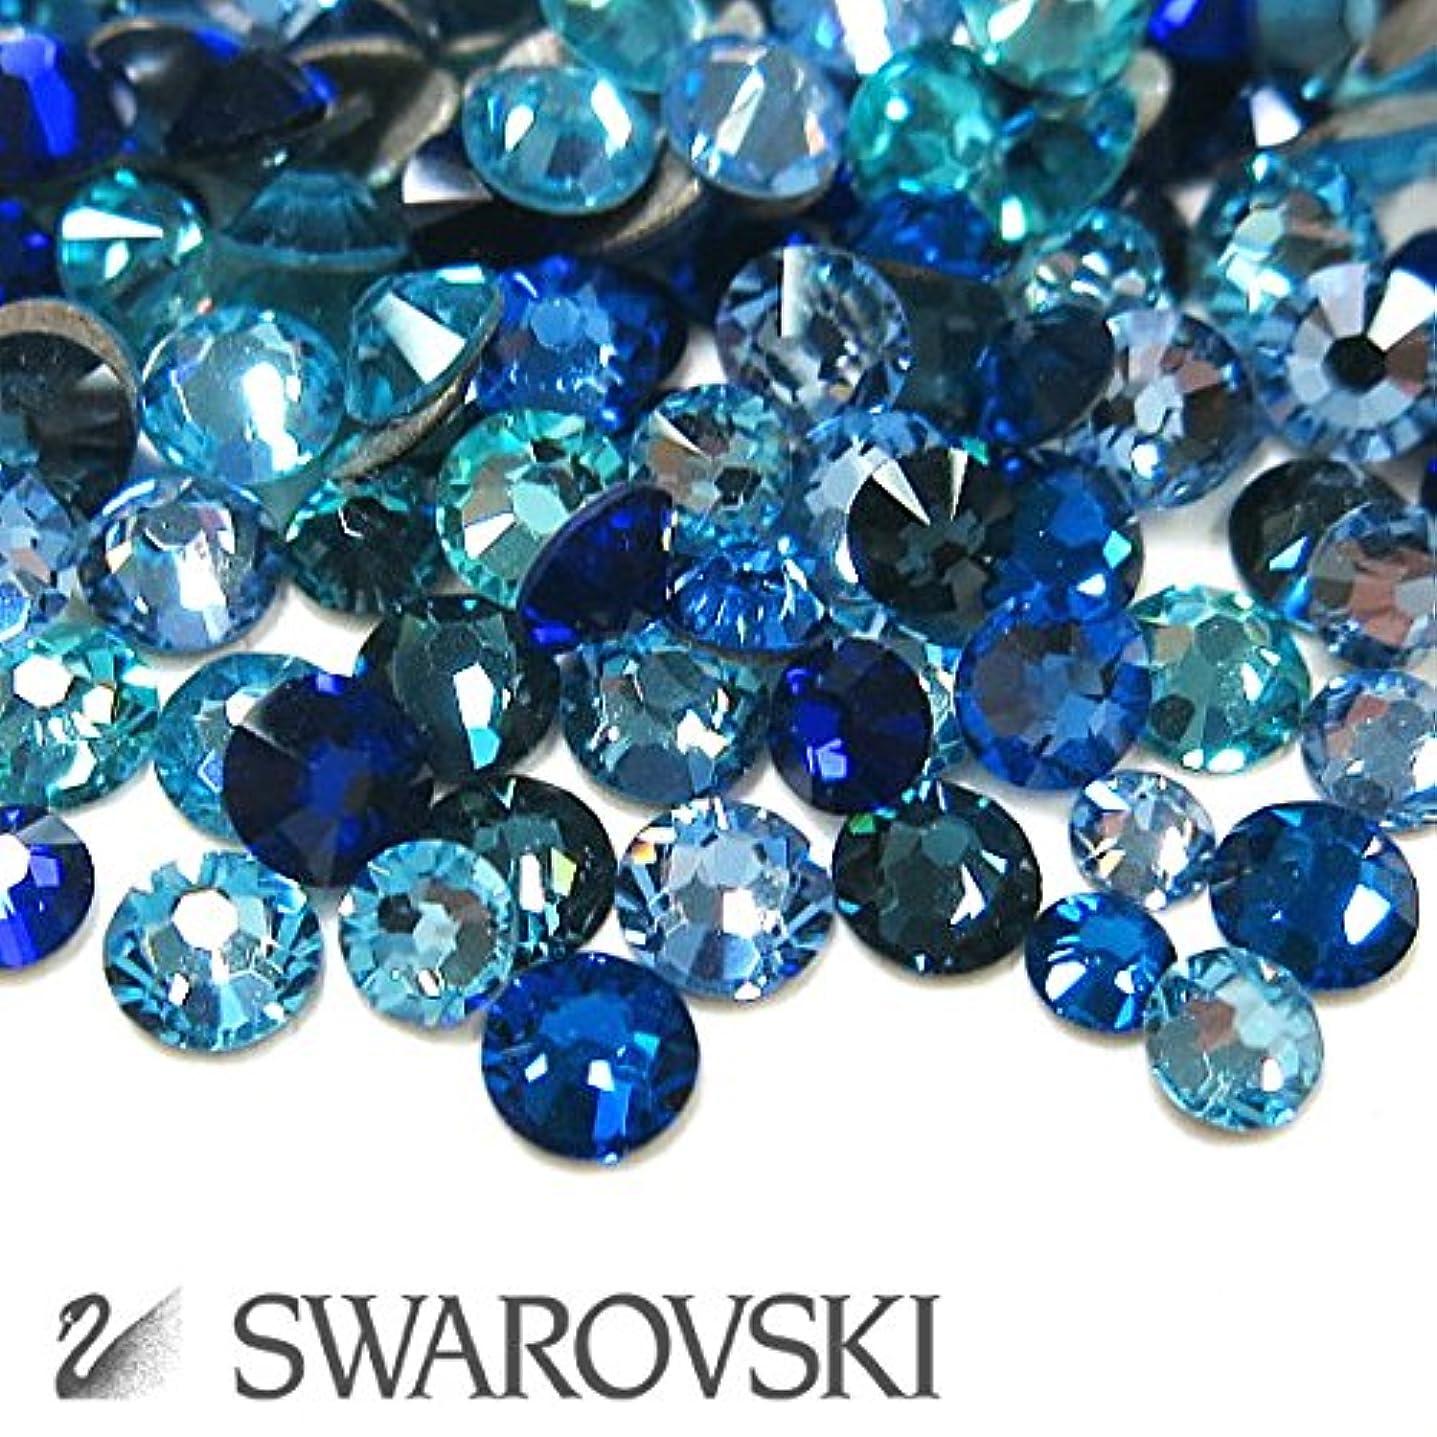 叫び声ルーチン全国スワロフスキー(Swarovski) クリスタライズ ラインストーン ネイルサイズMIX (100粒) ブルー